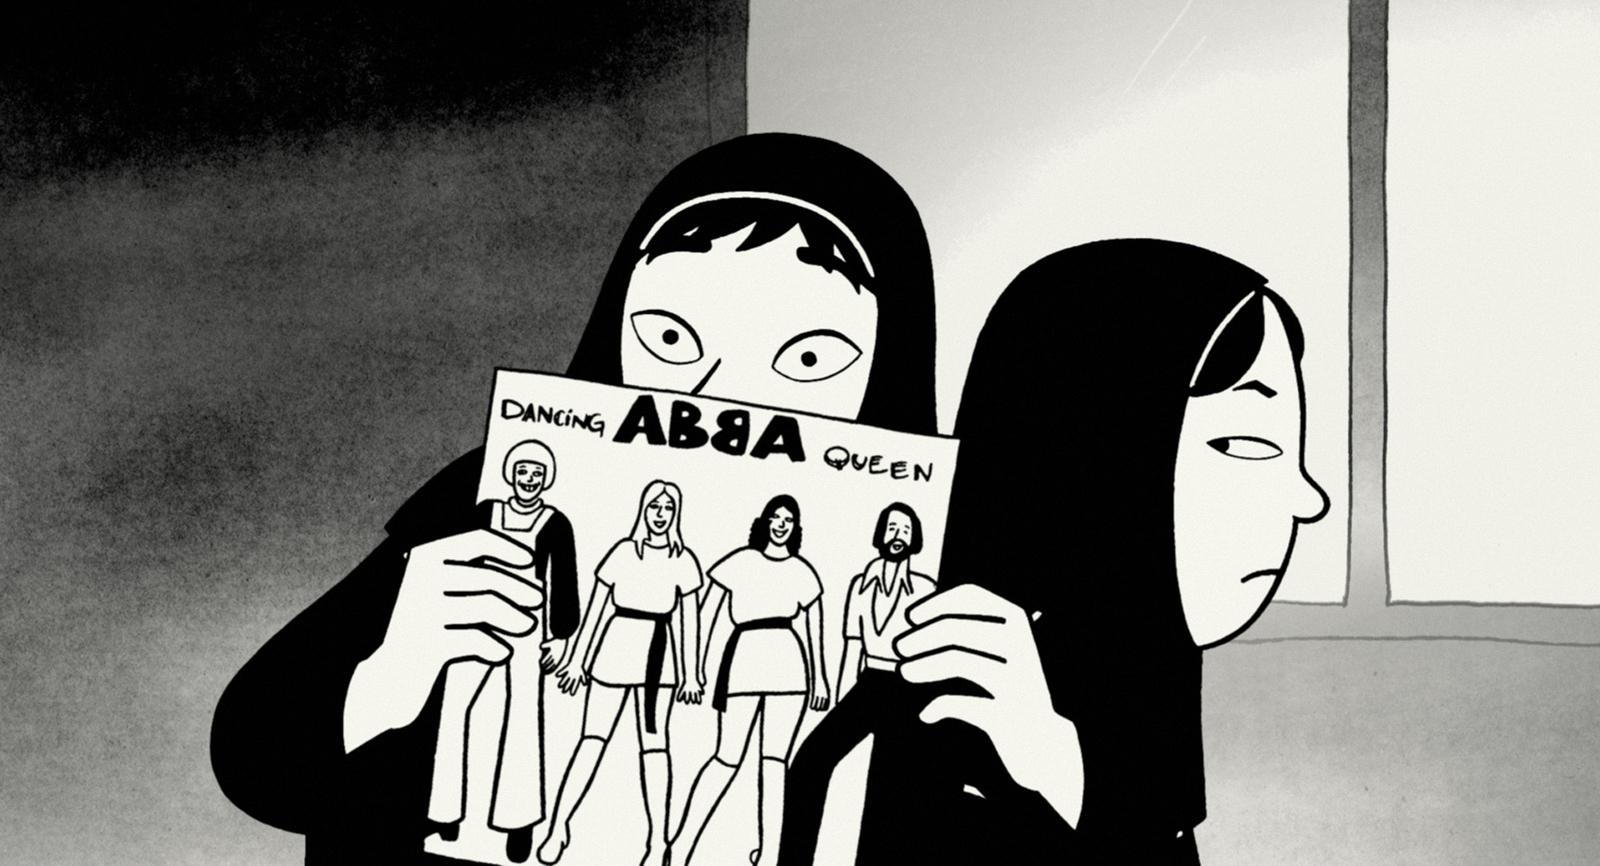 [CINEMA] 100 melhores filmes dirigidos por mulheres no século XXI (parte 1)